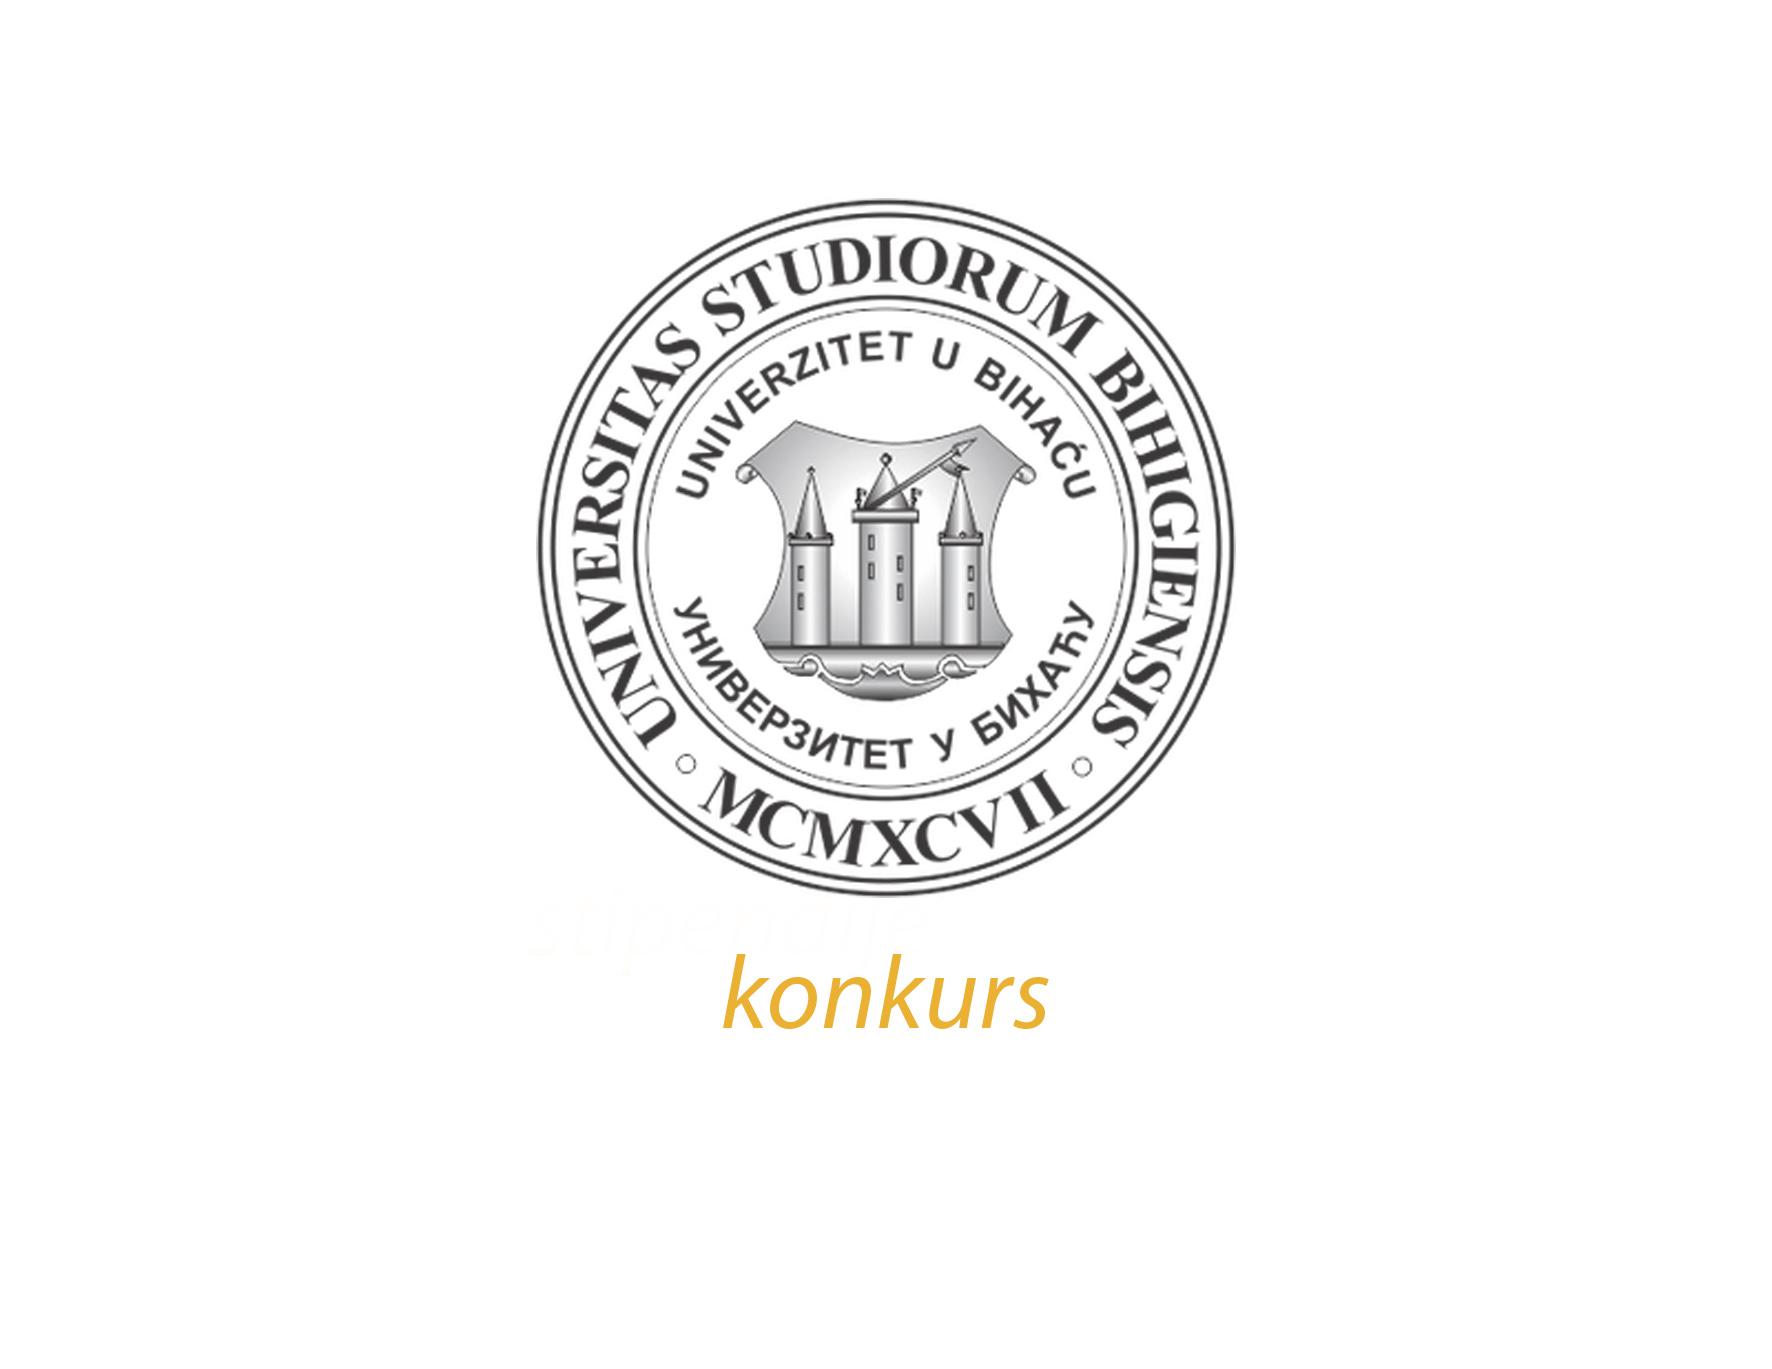 Konkurs Univerziteta u Bihaću